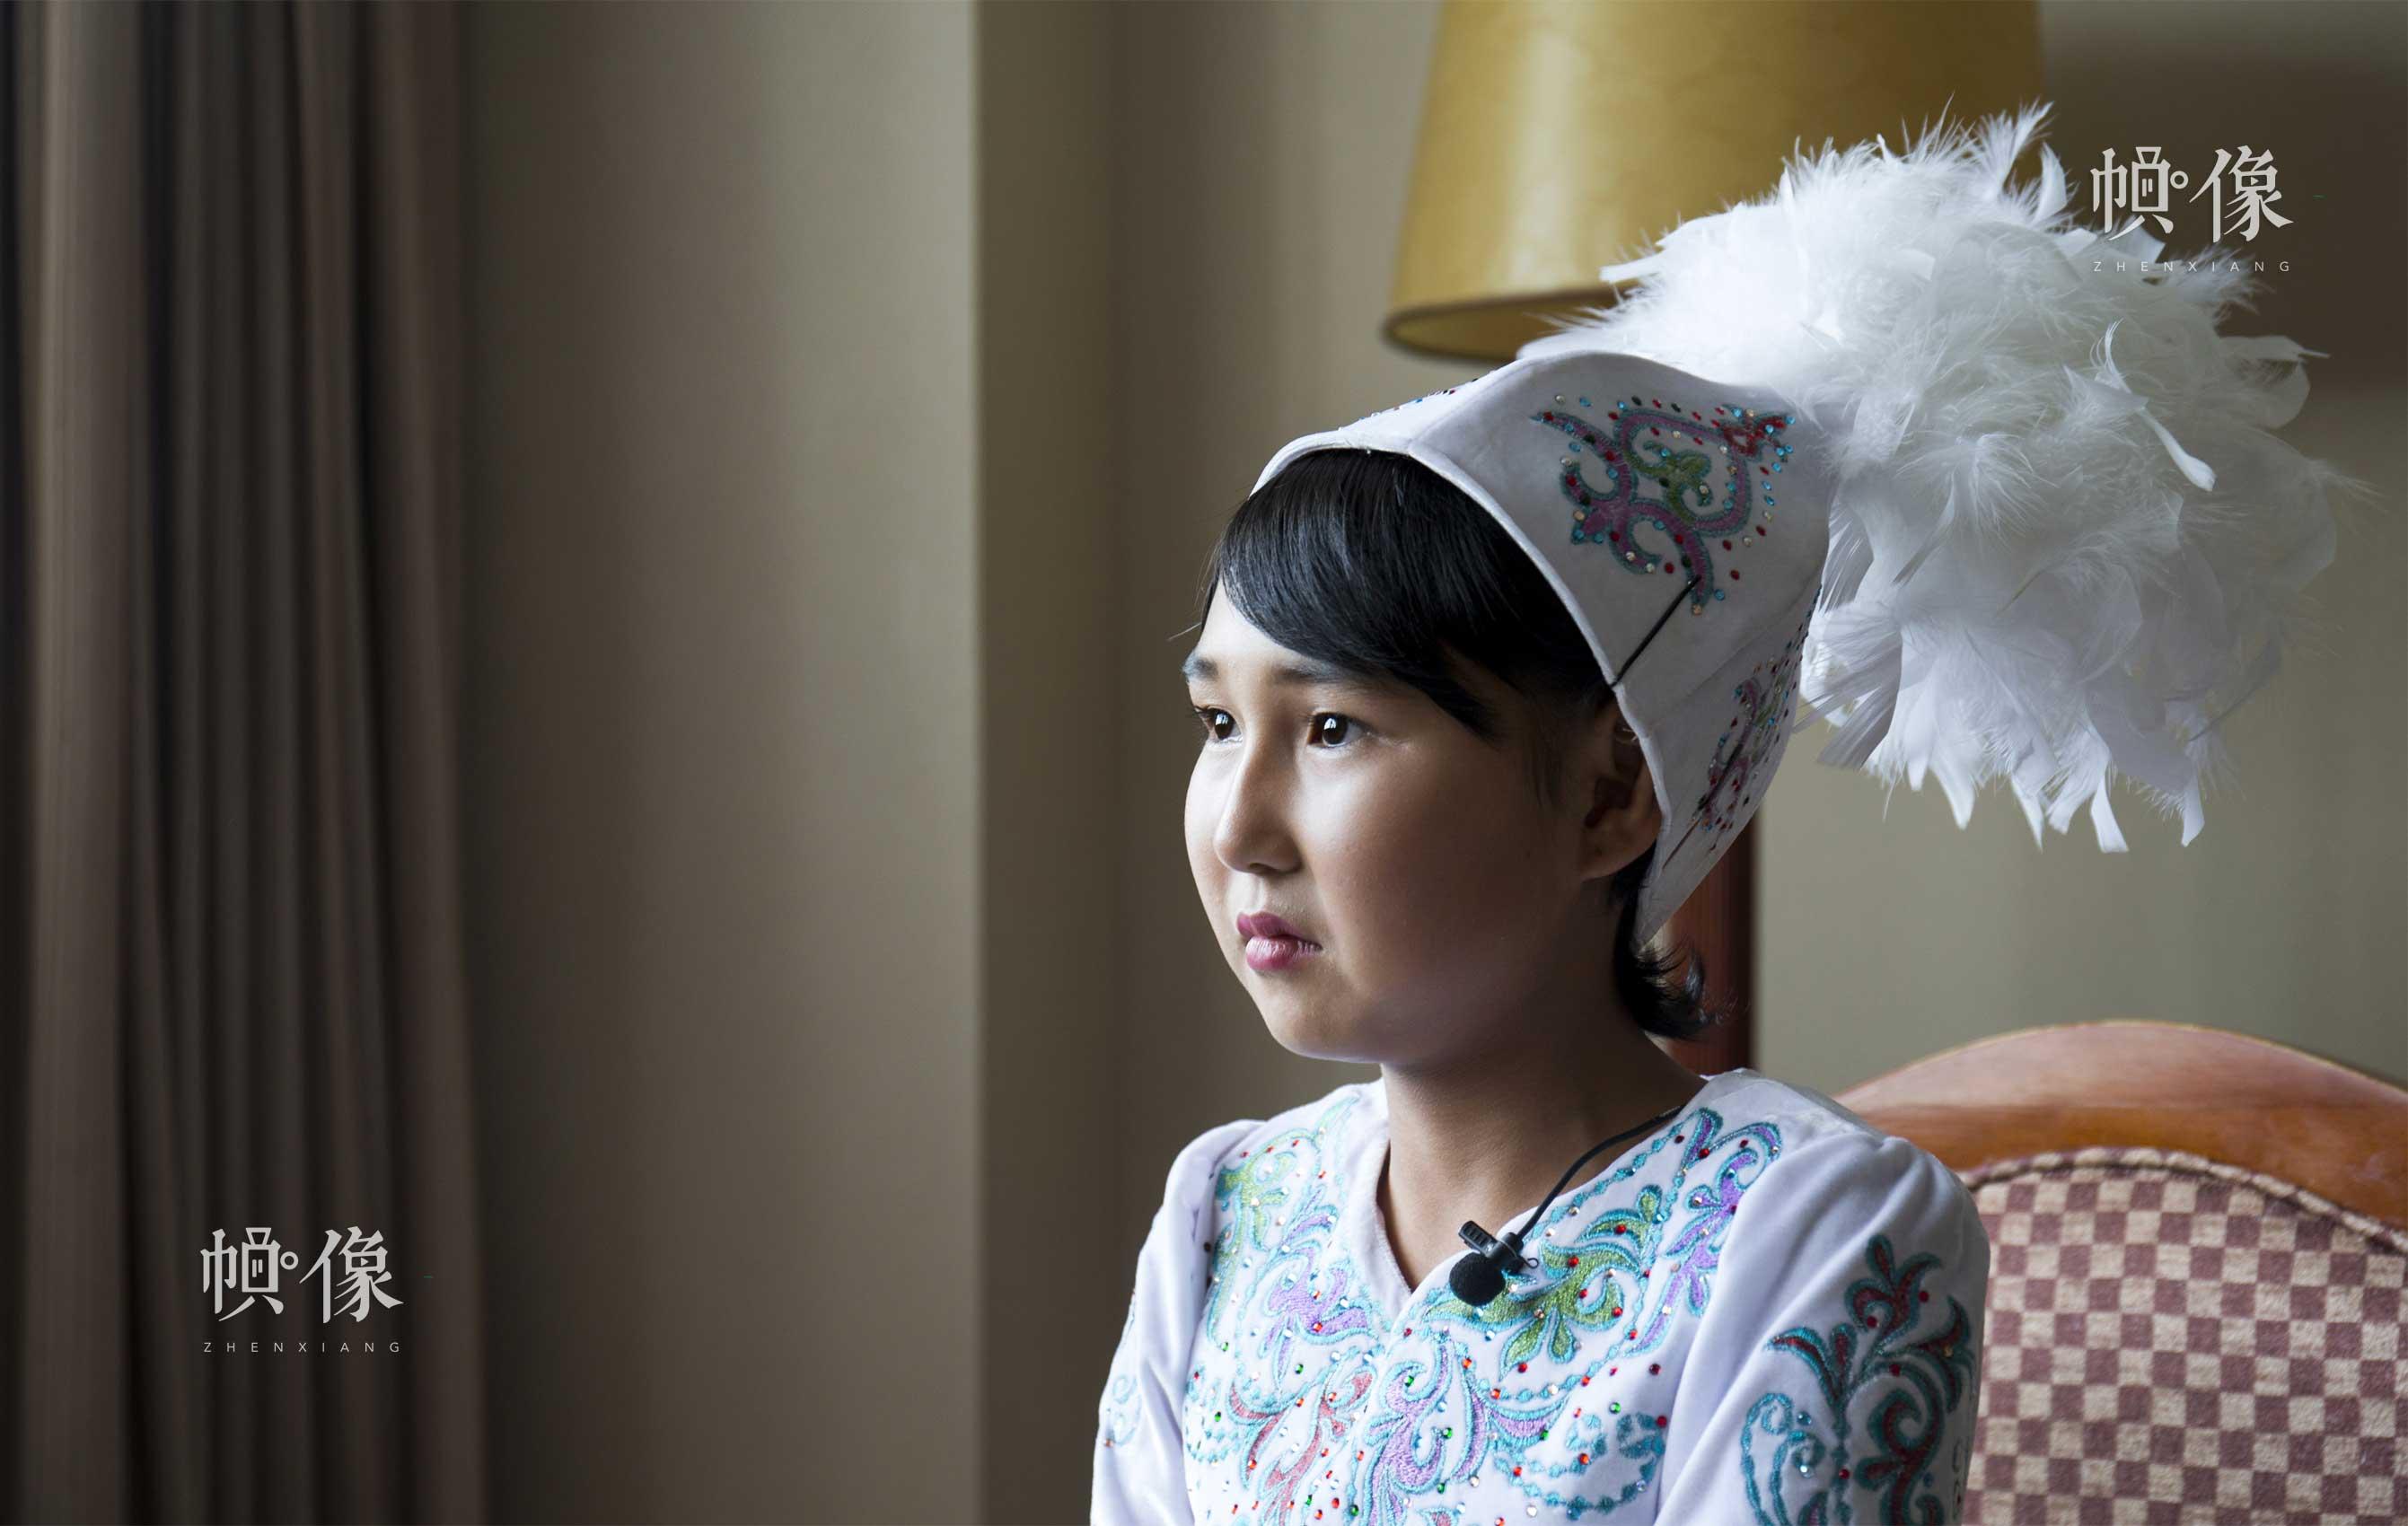 2017年8月28日,维吾尔族受助女童尤丽吐孜•玉努斯接受中国网记者专访。中国网实习记者 李欣颖 摄